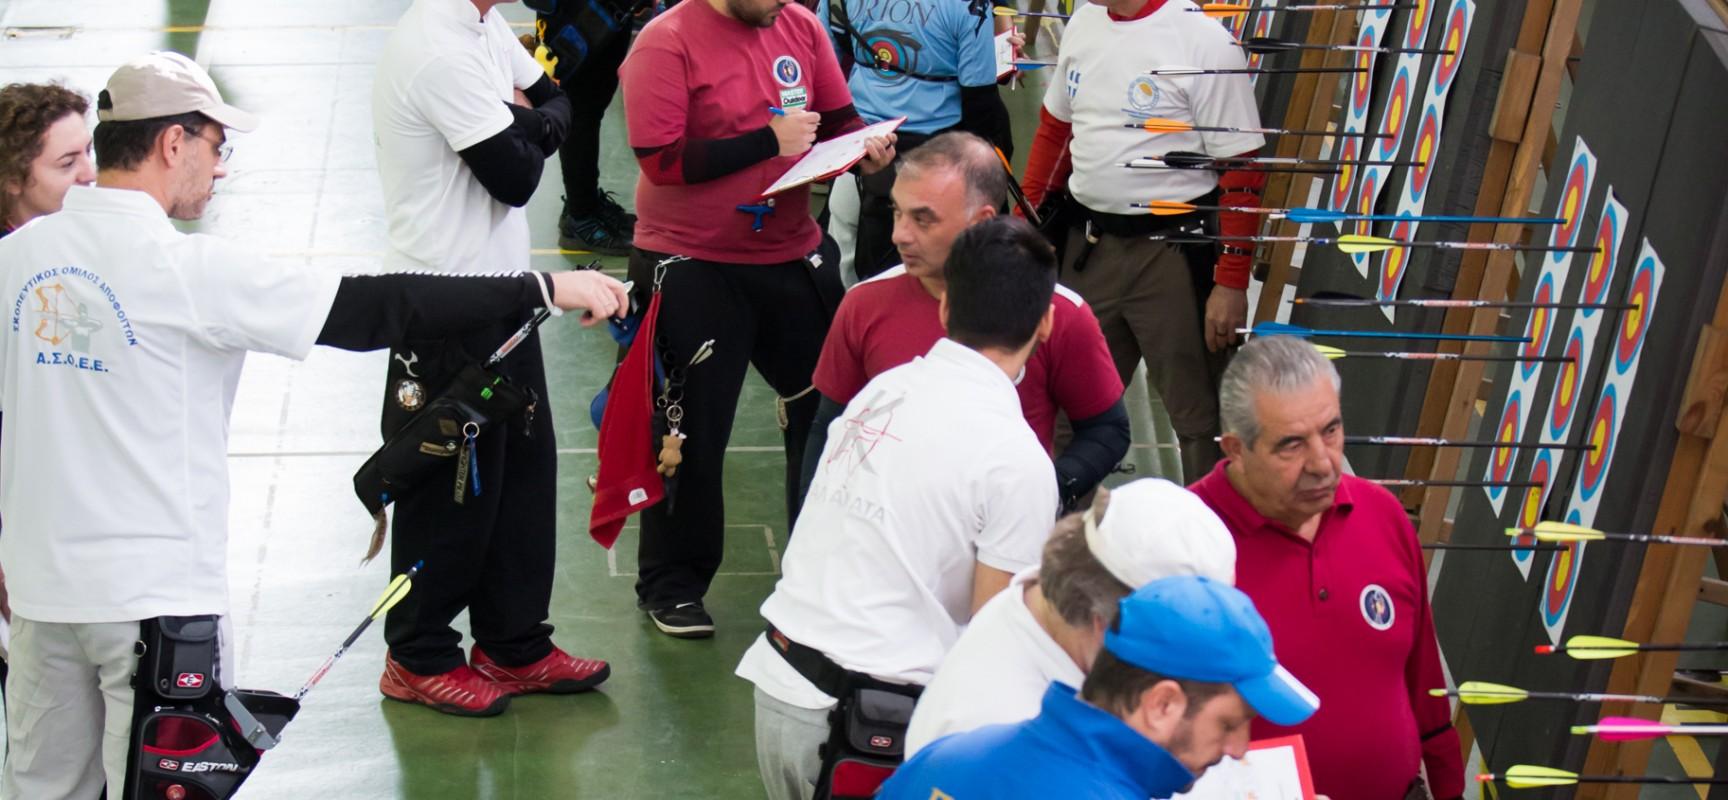 Αποτελέσματα αγώνα ΚΧ Α' & Β' κατηγ. & Πανελληνίου Πρωταθλήματος Παίδων 2016, 10-11/12/16, Αγία Τριάδα Ναυπλίου